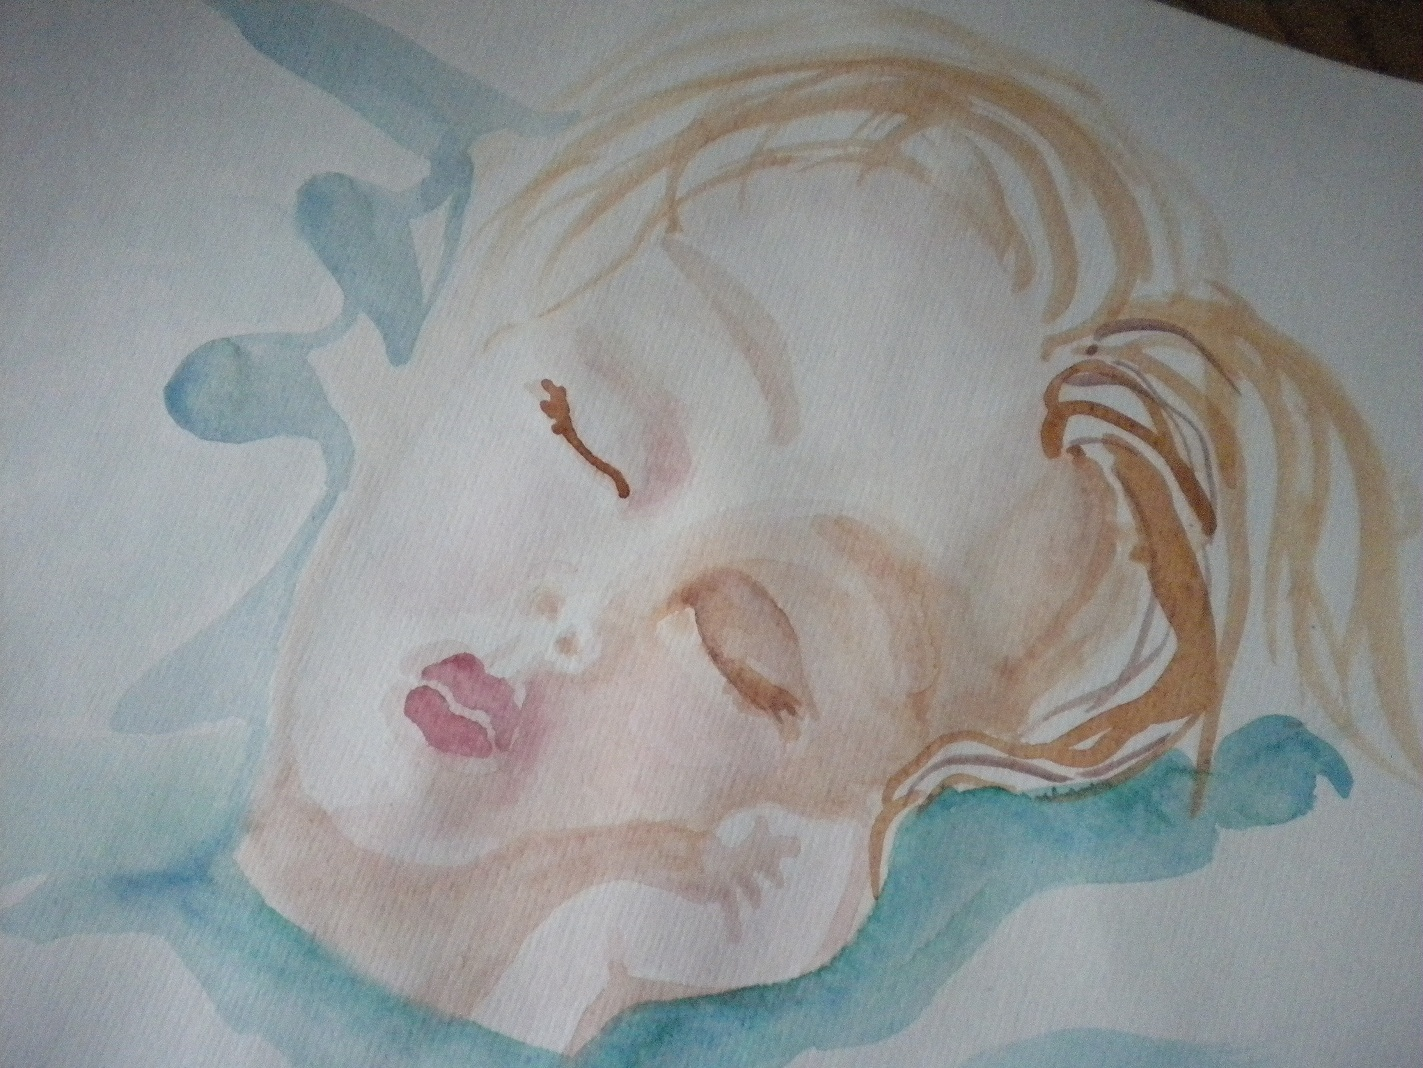 Schlafendes Mädchen (Titelblatt: Arzt&Praxis)